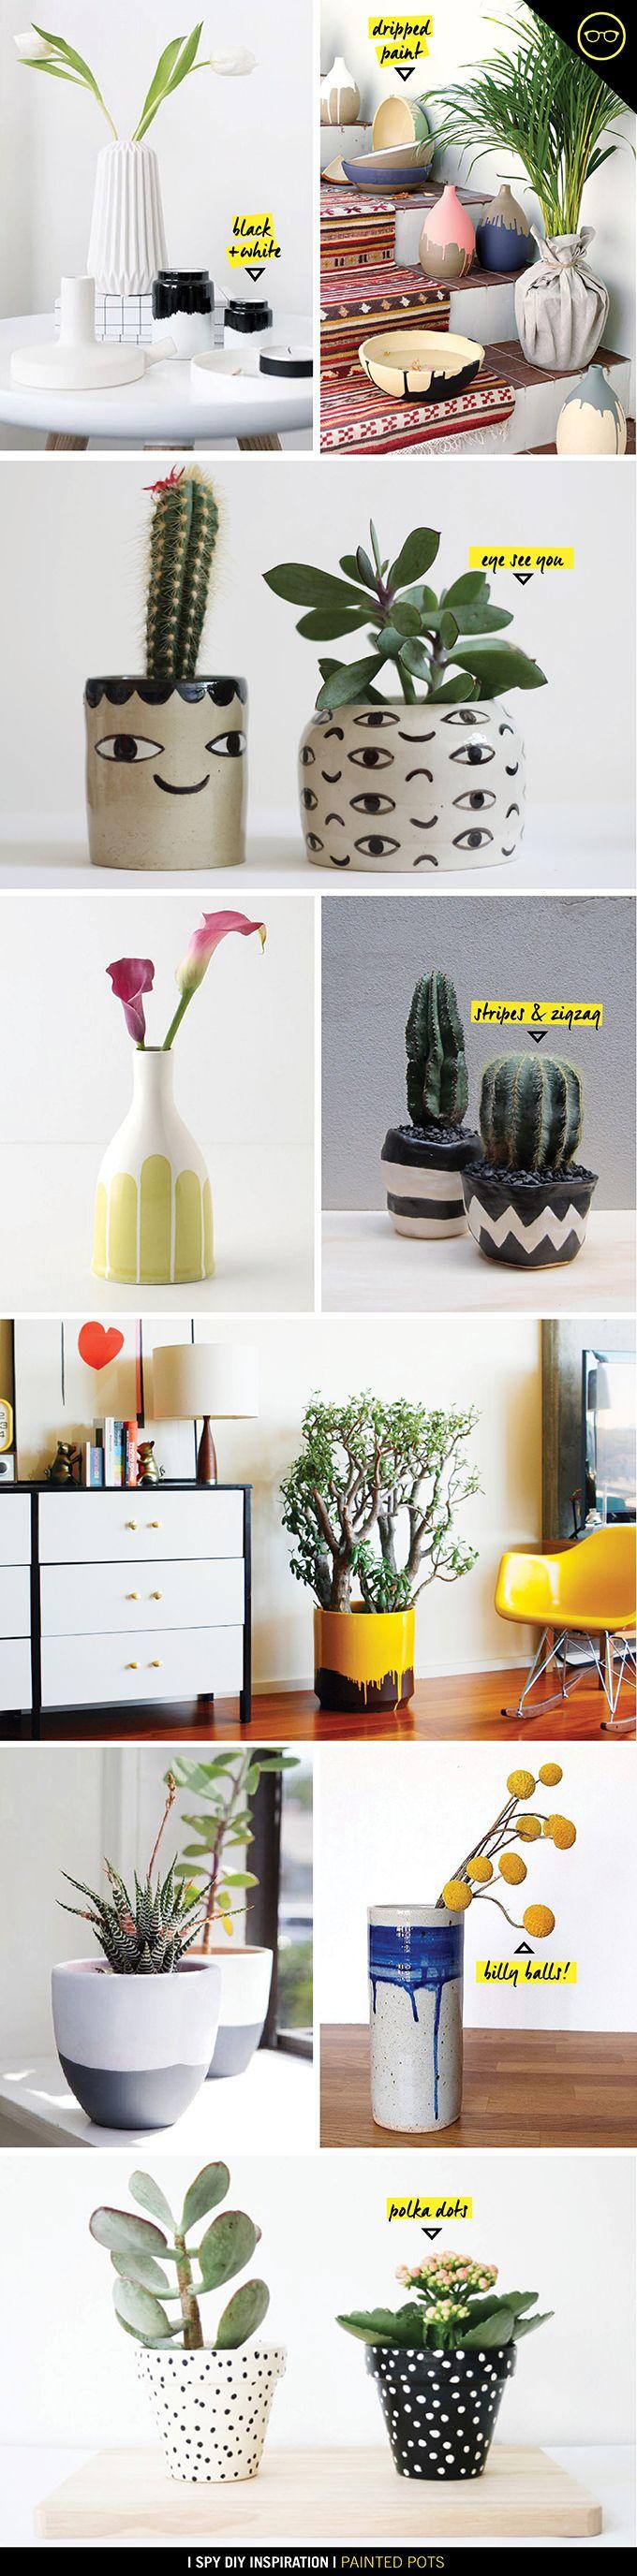 garrafas, vasos, decoração